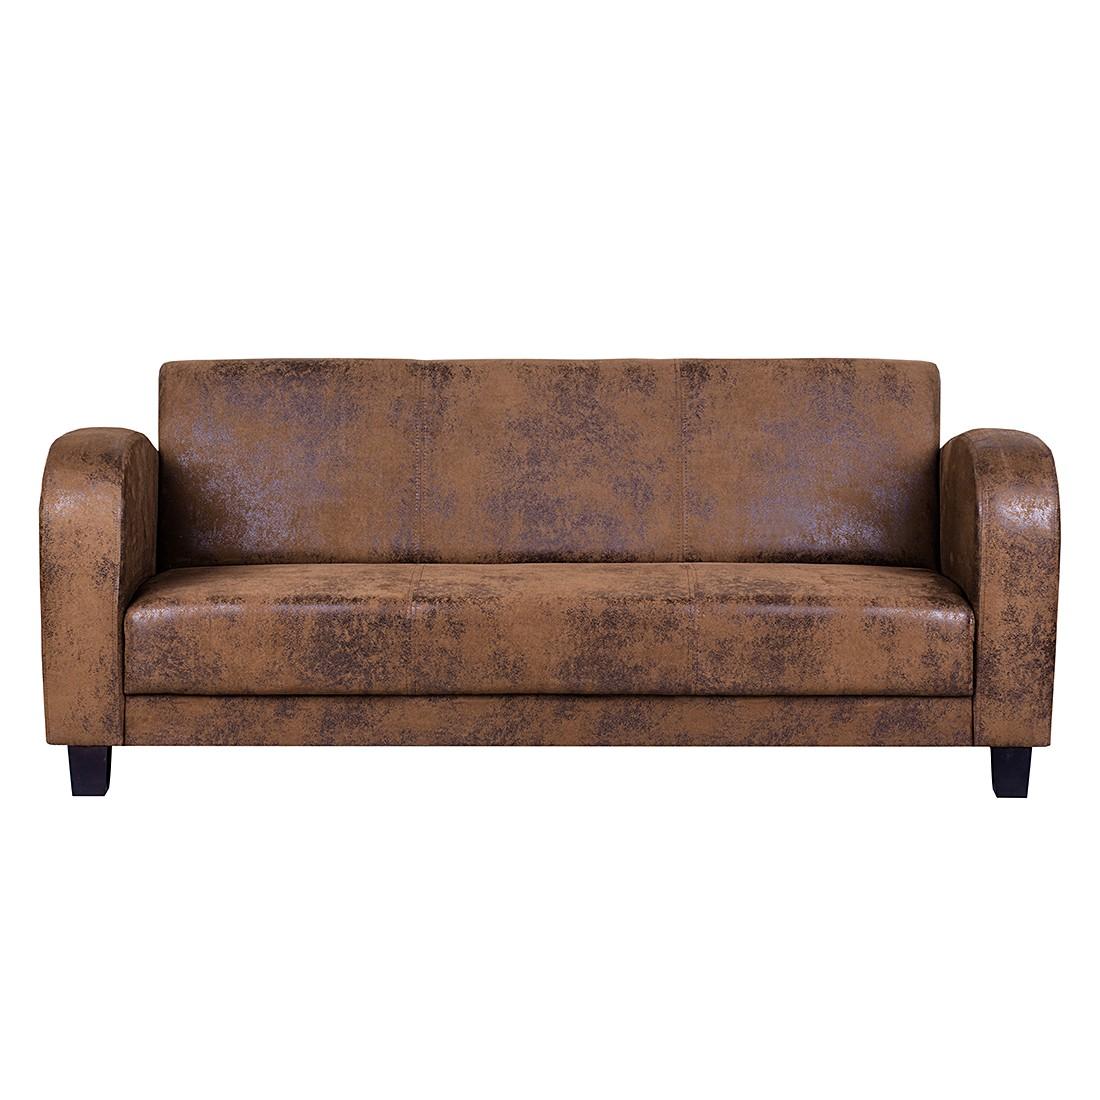 20 sparen sofa tullow von ars manufacti nur 319 99 cherry m bel home24 - Sofa antiklederoptik ...